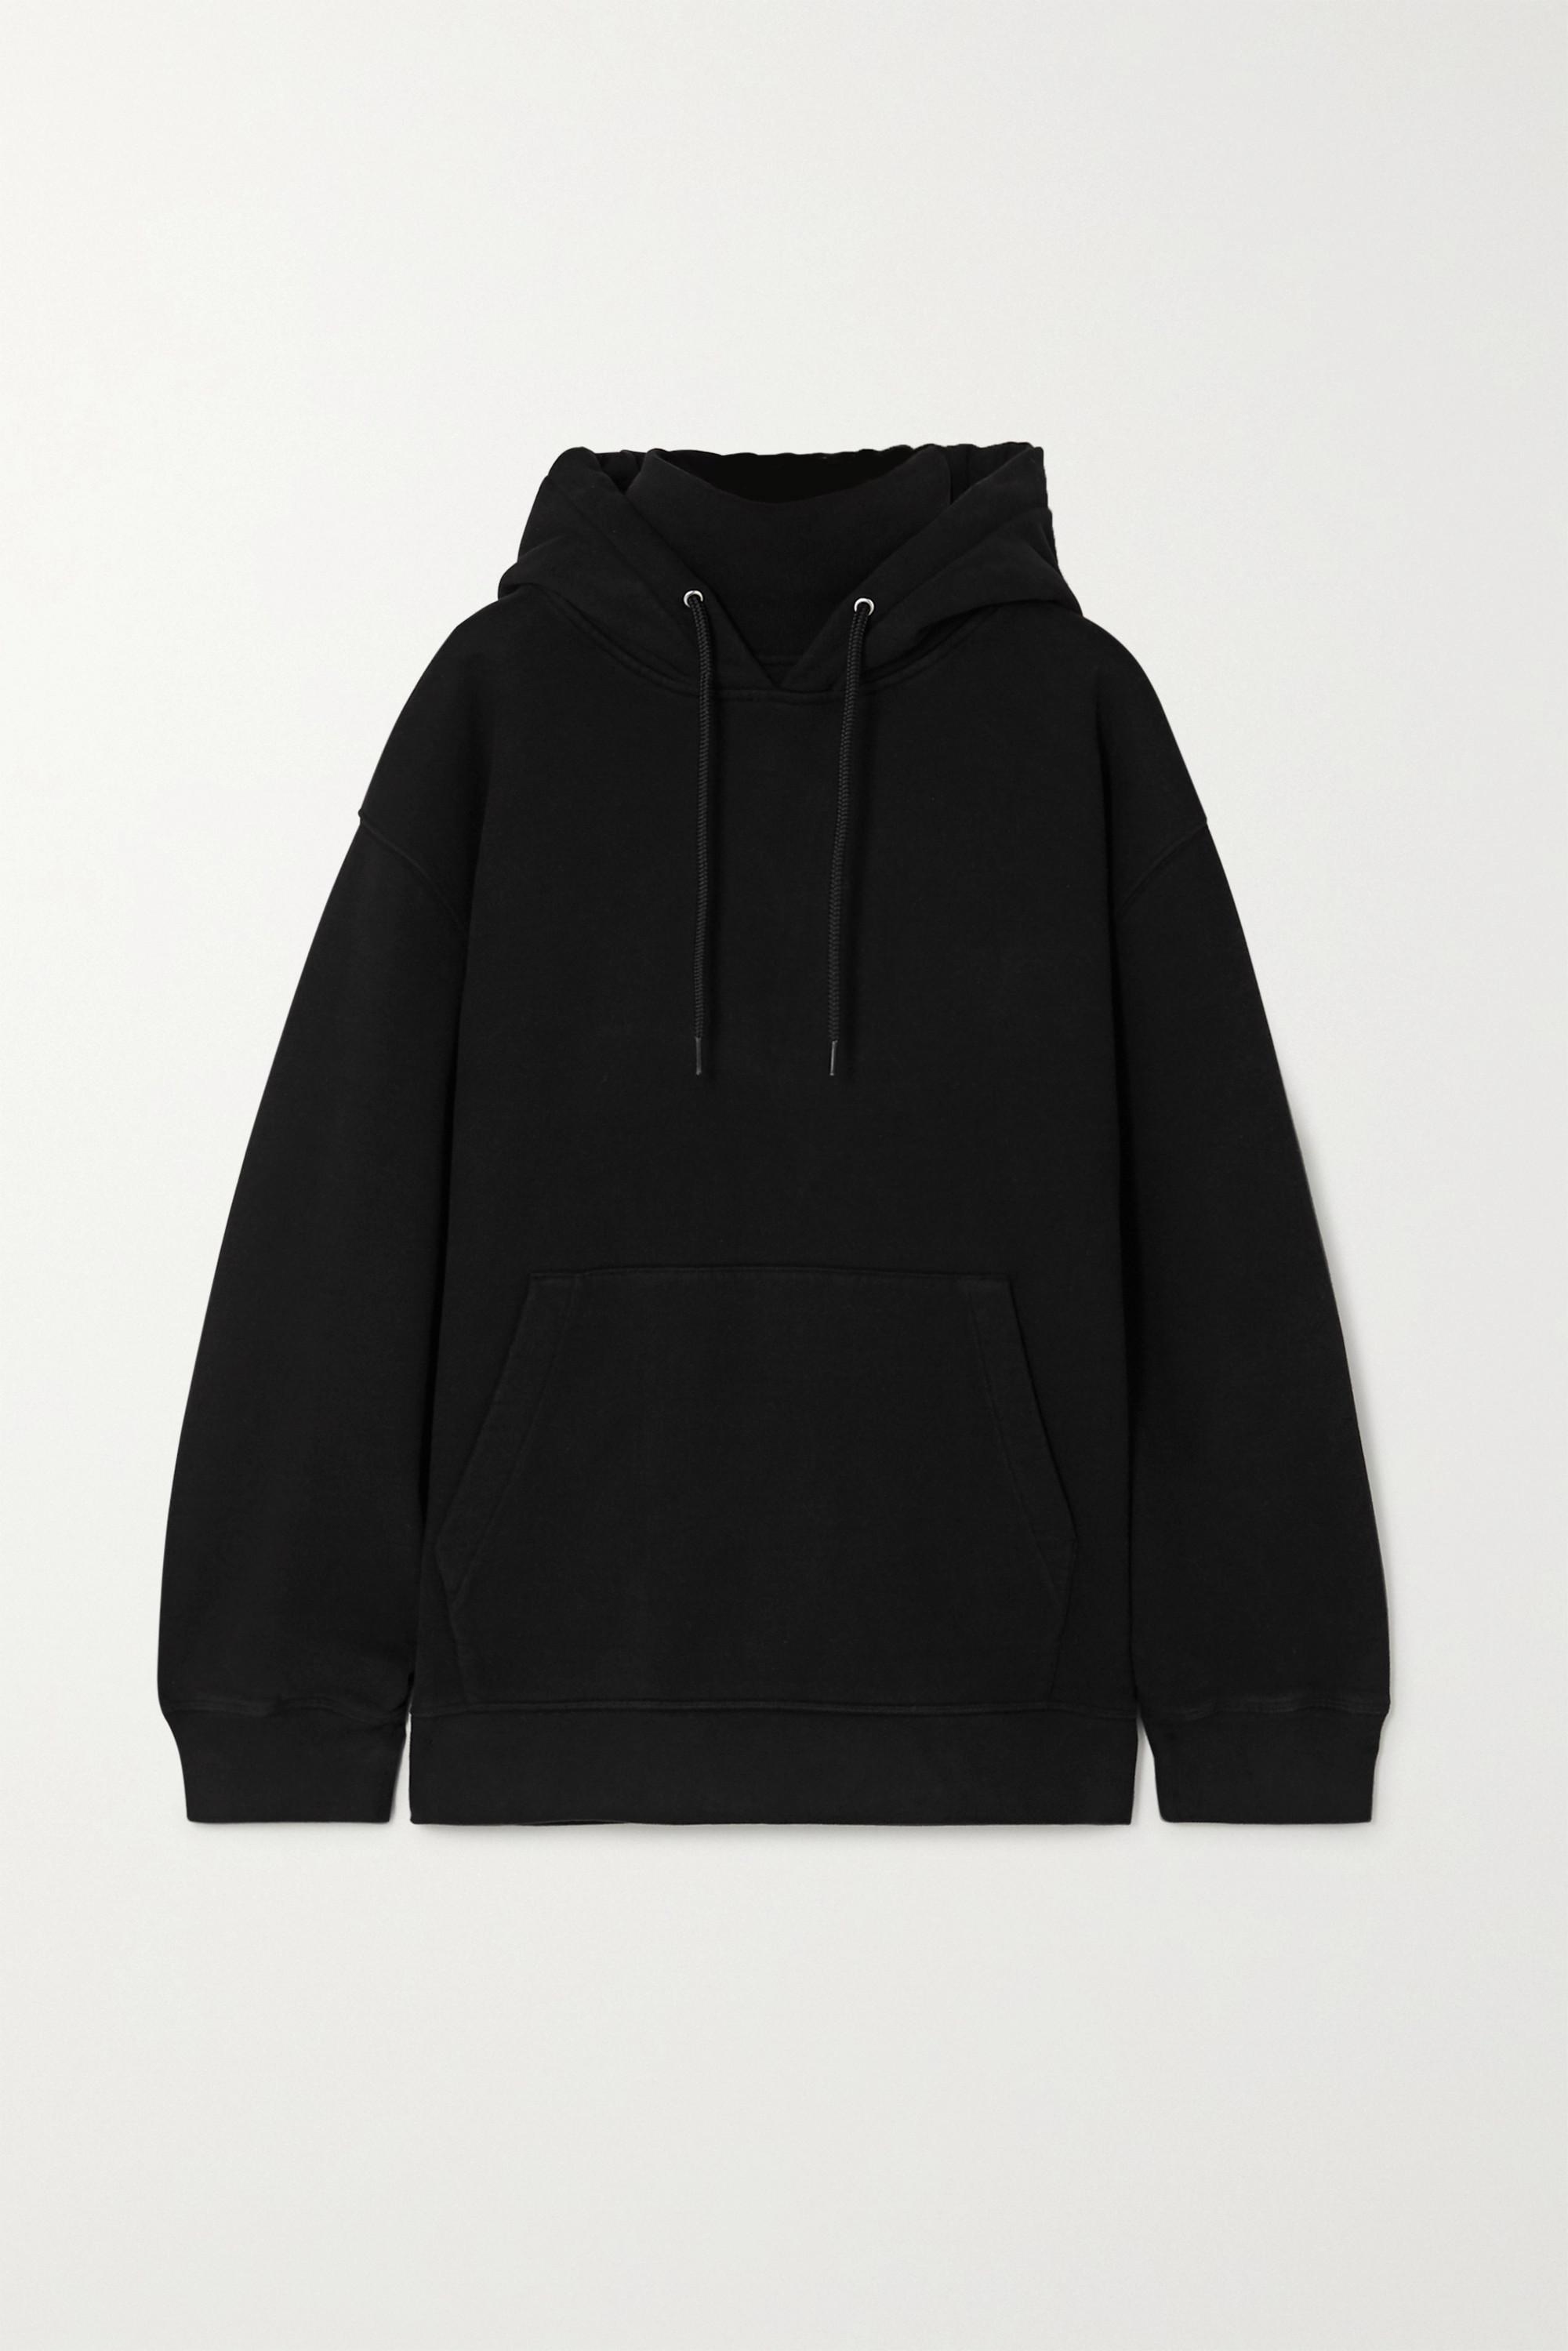 alexanderwang.t Cotton-jersey turtleneck hoodie